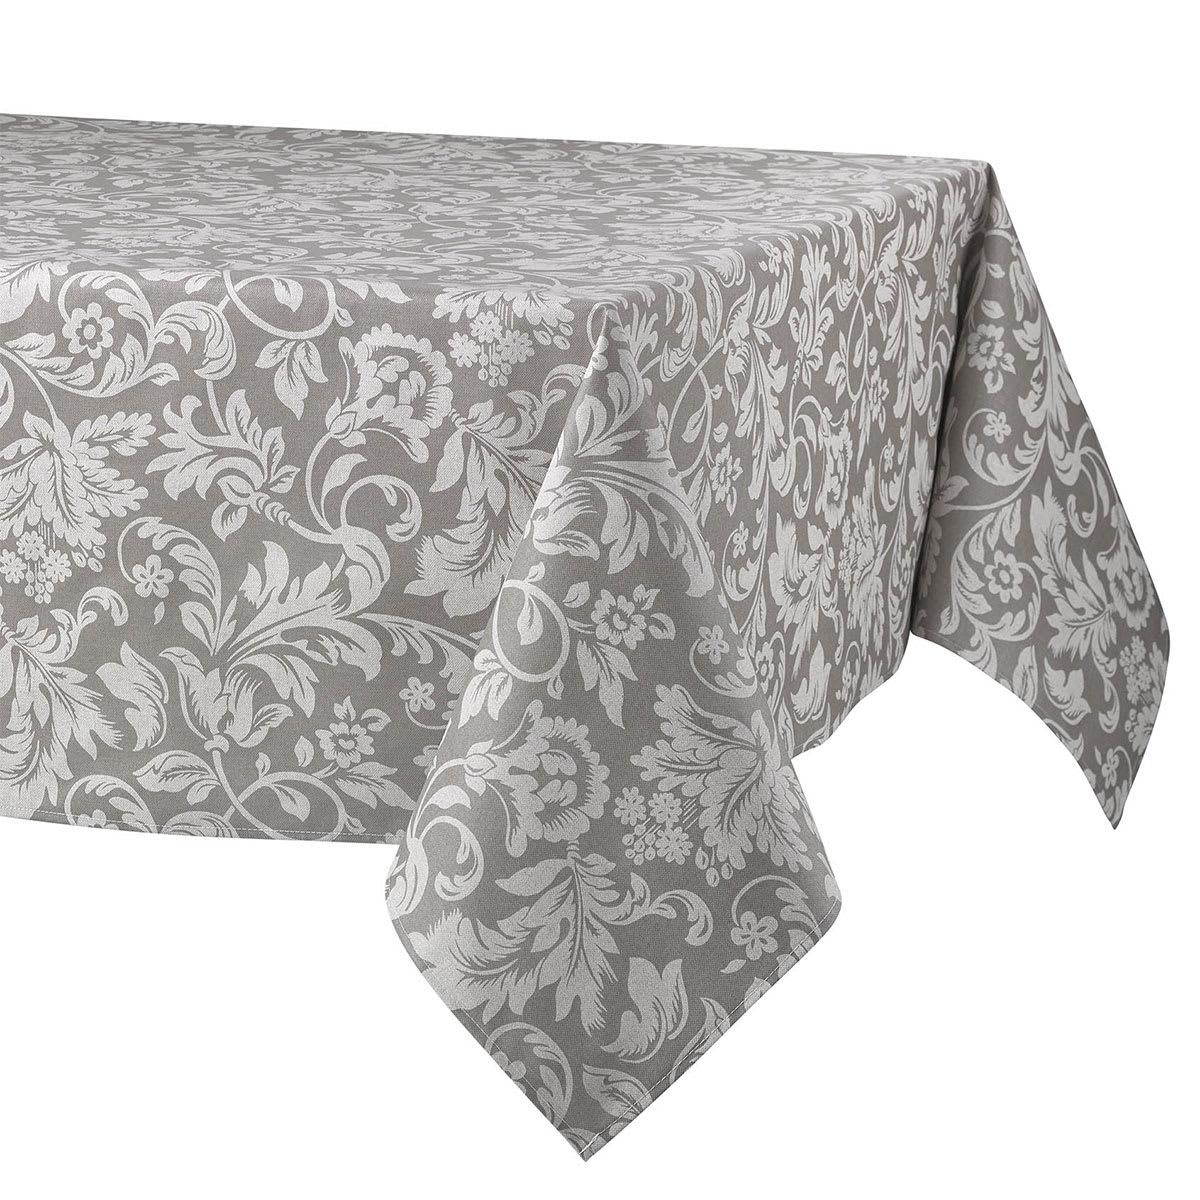 150 x 200 cm - Bomuld og polyester med teflonbehandling